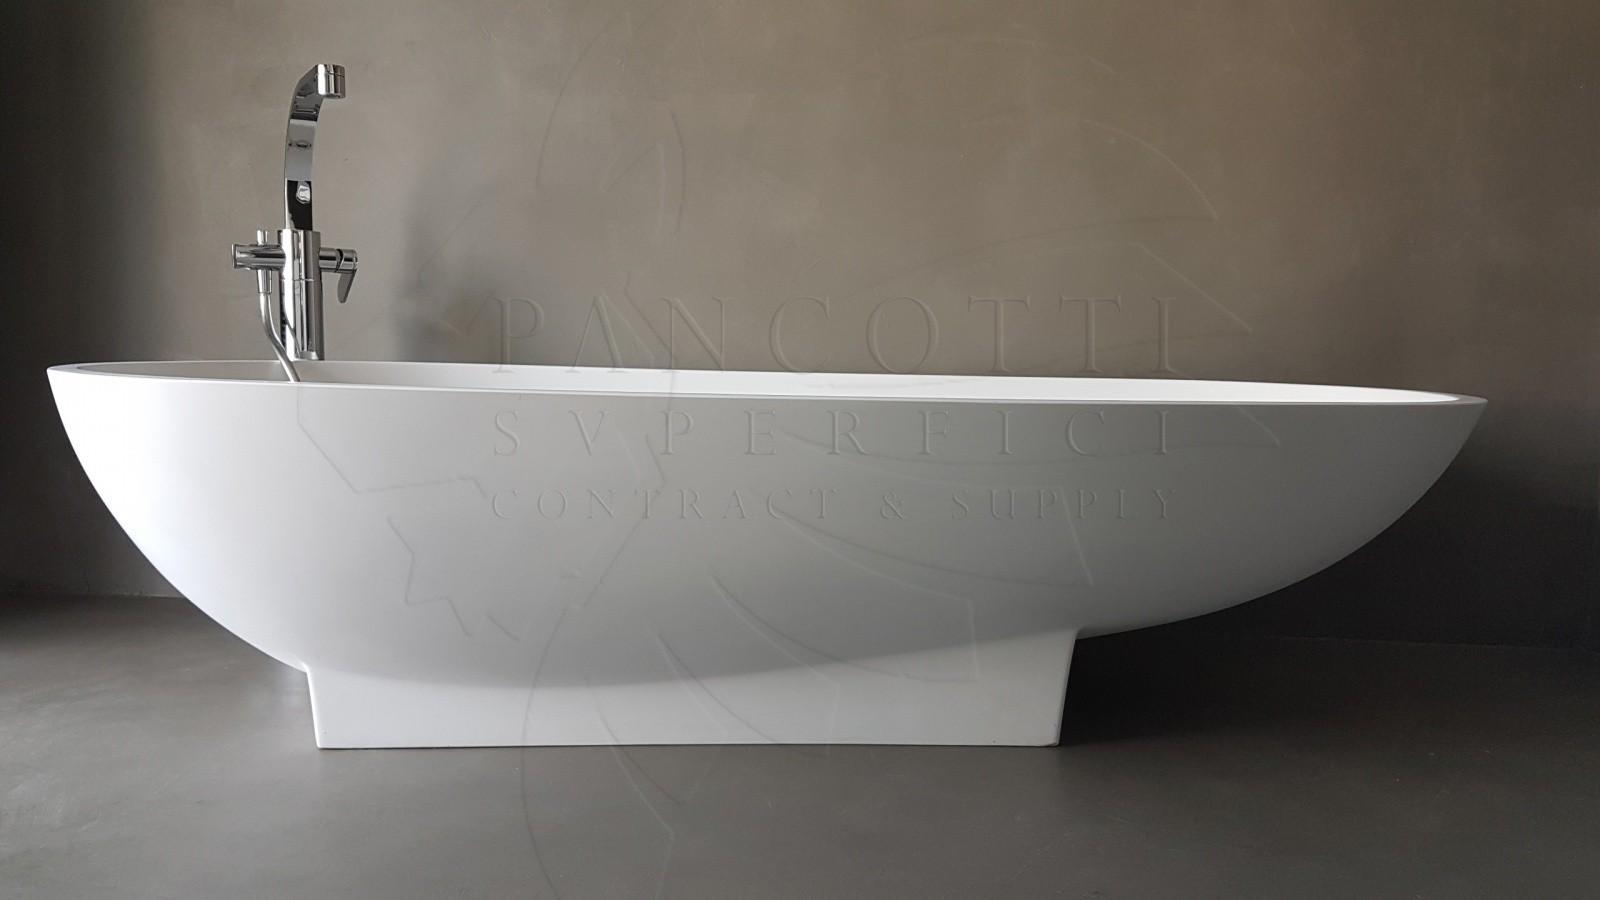 Rinnovare Il Bagno Senza Demolire come ristrutturare il bagno in 3 giorni? - microcemento